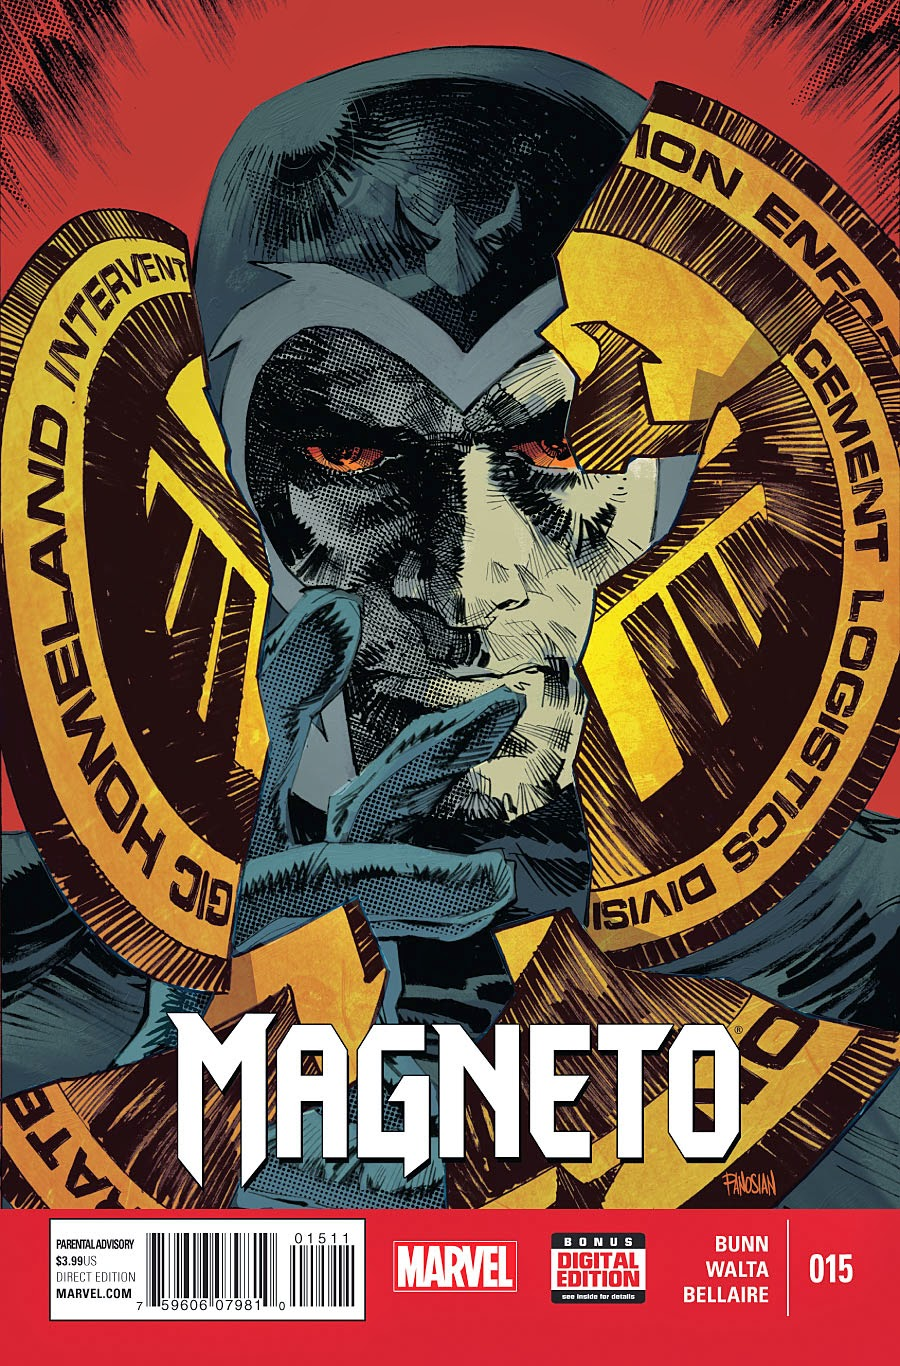 Magneto breaks S.H.I.E.L.D